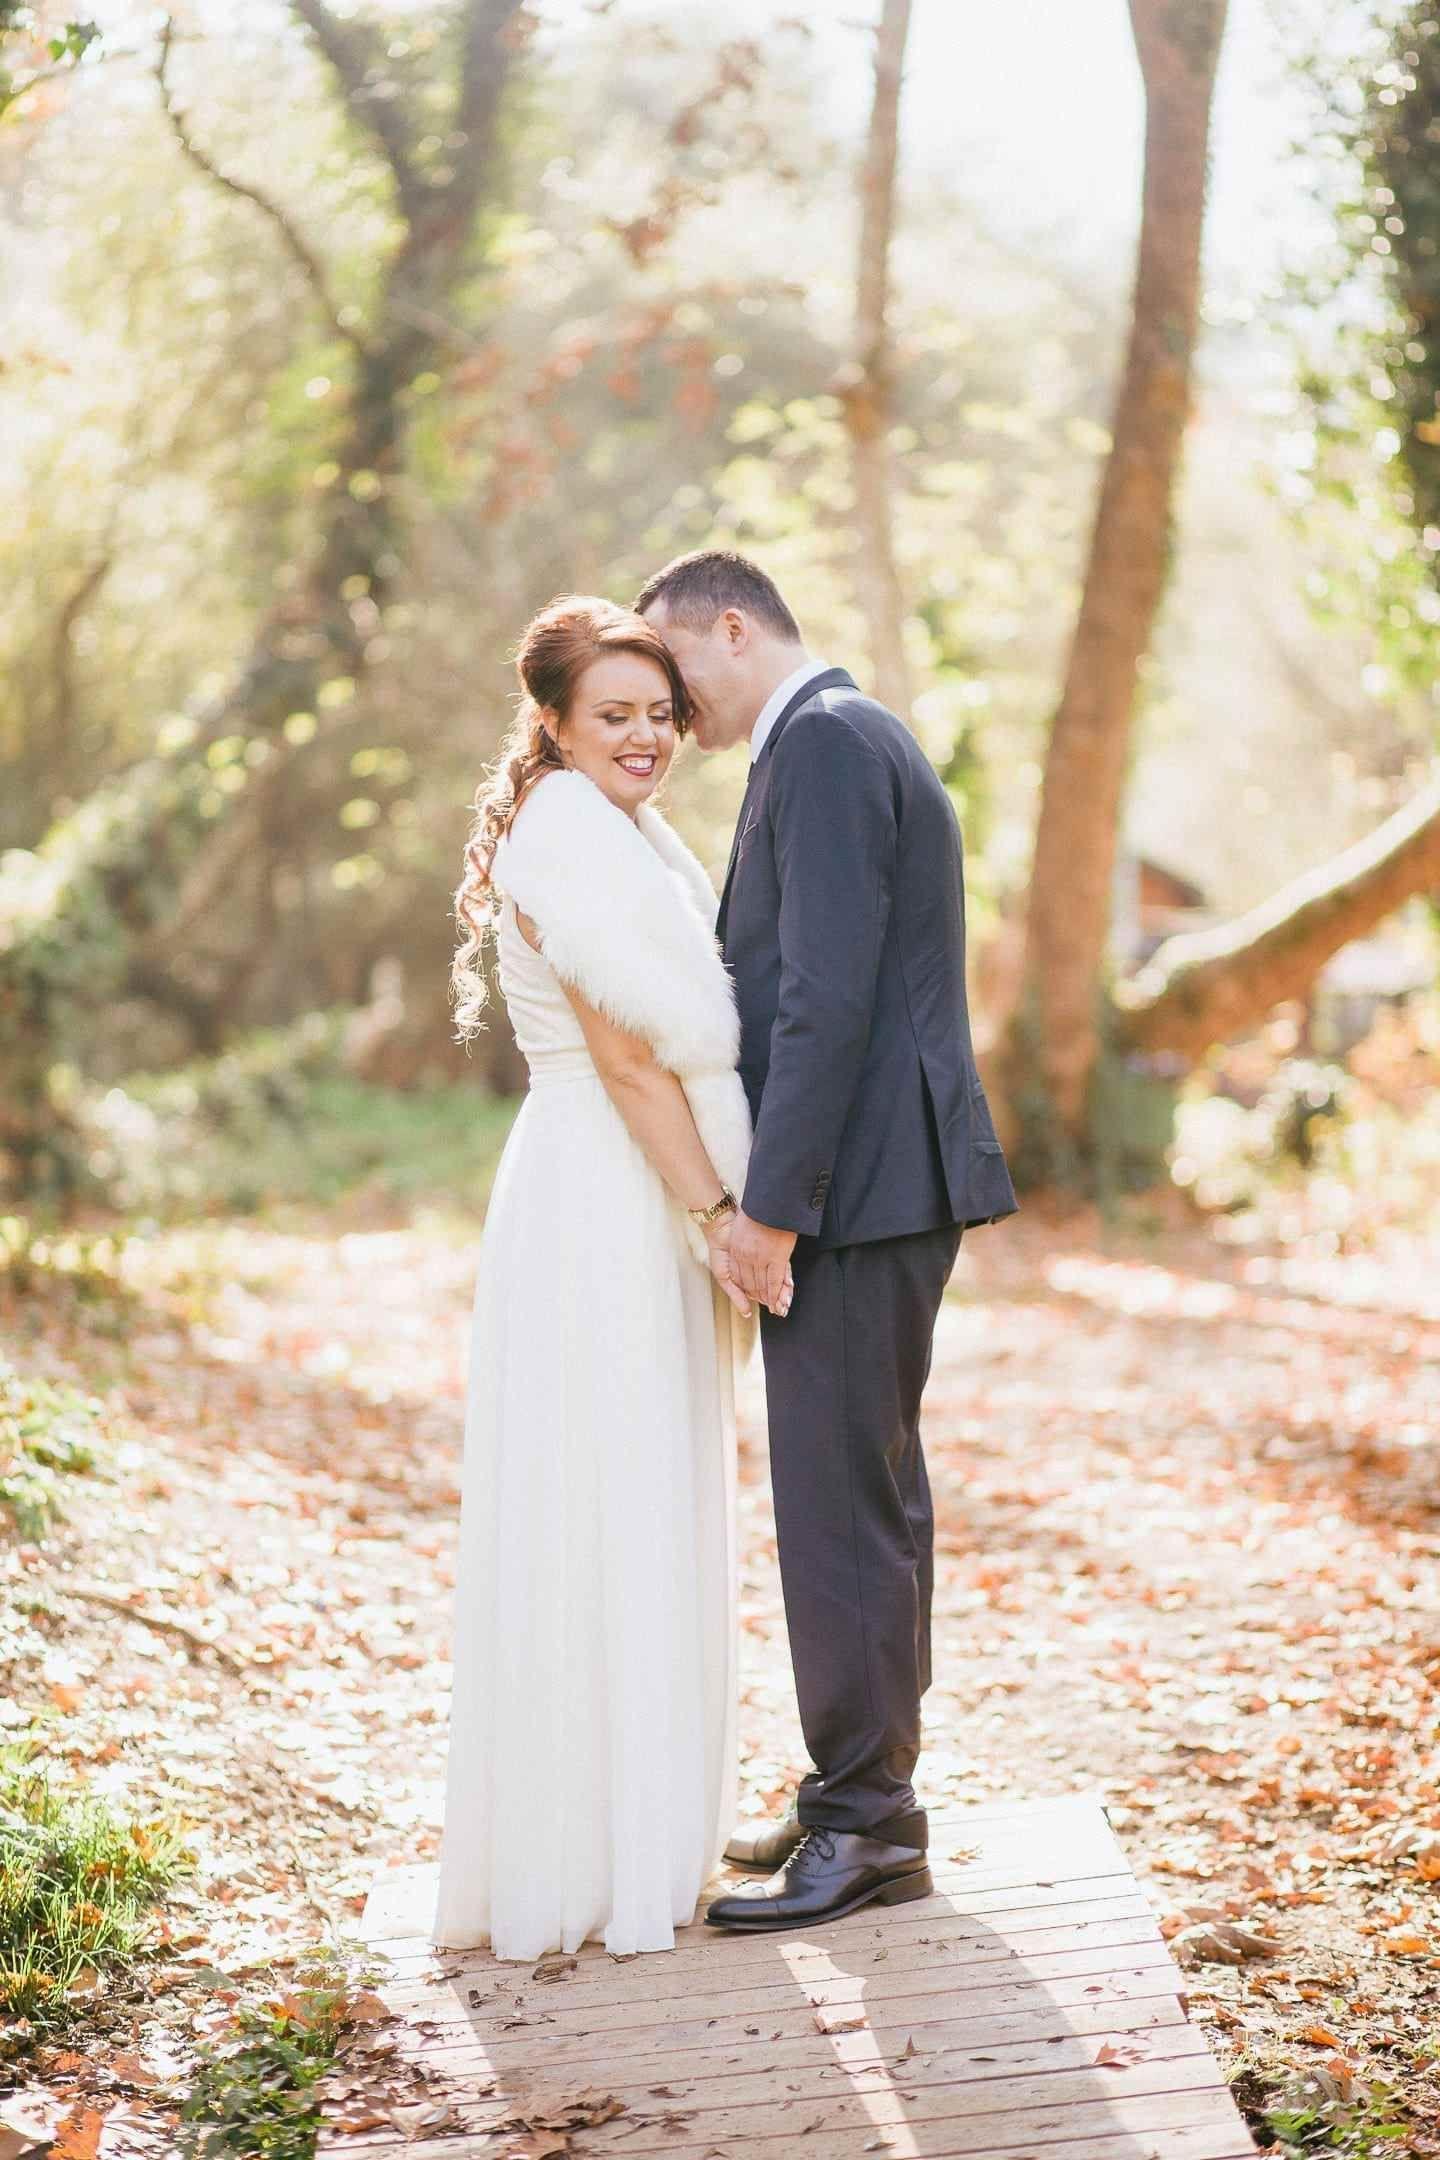 Winter Hochzeits Mit Sonne Hochzeitsfotos Ideen Hochzeitsfotos